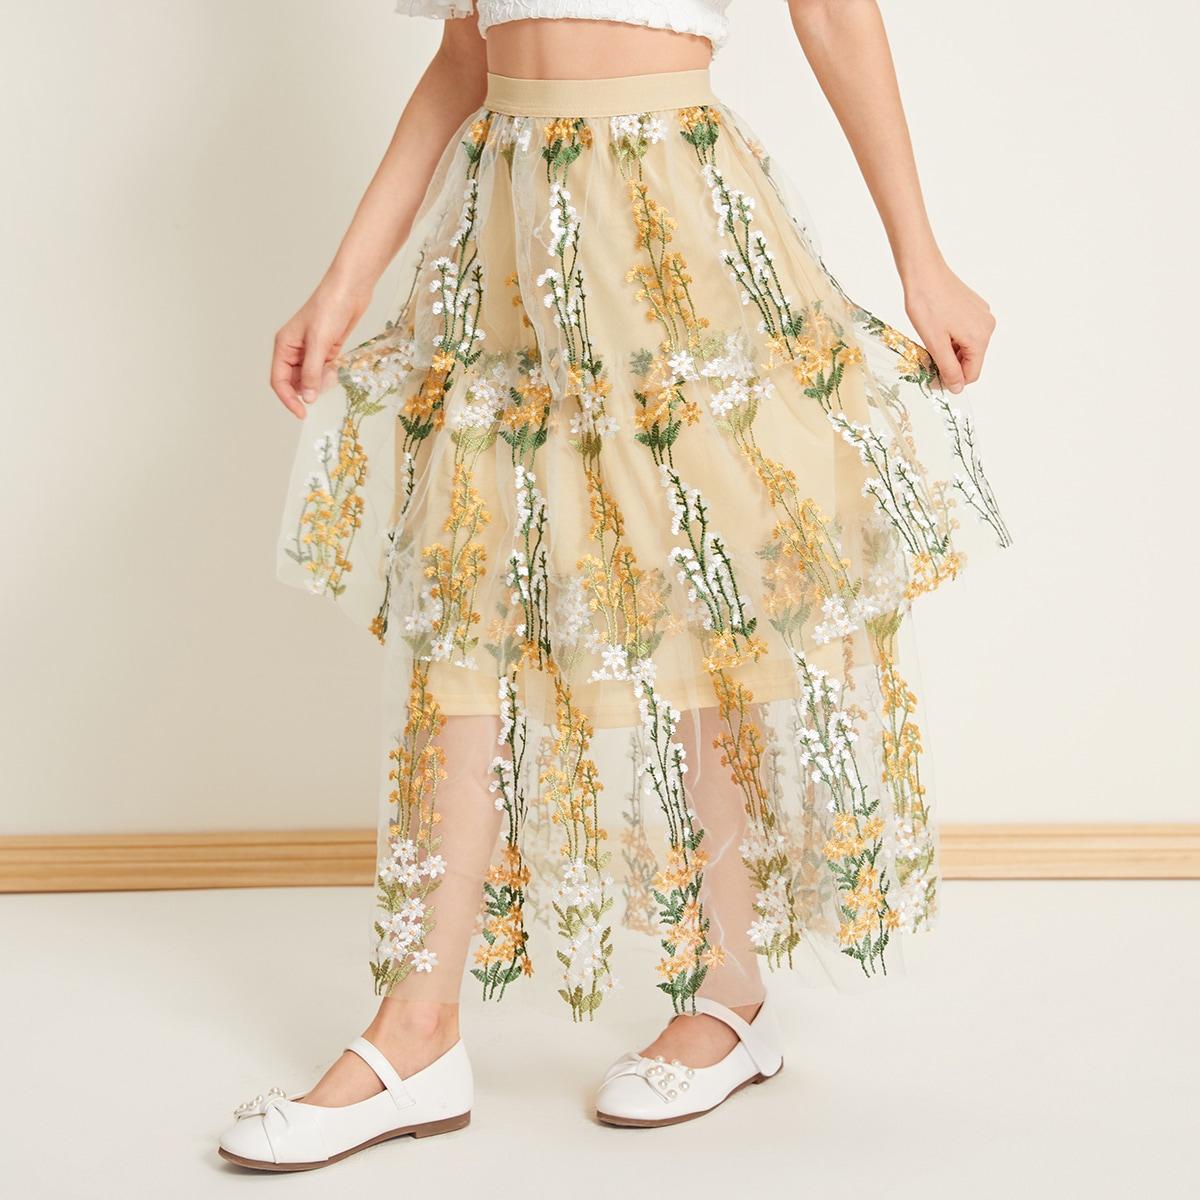 Сетчатая многослойная юбка с вышивкой для девочек